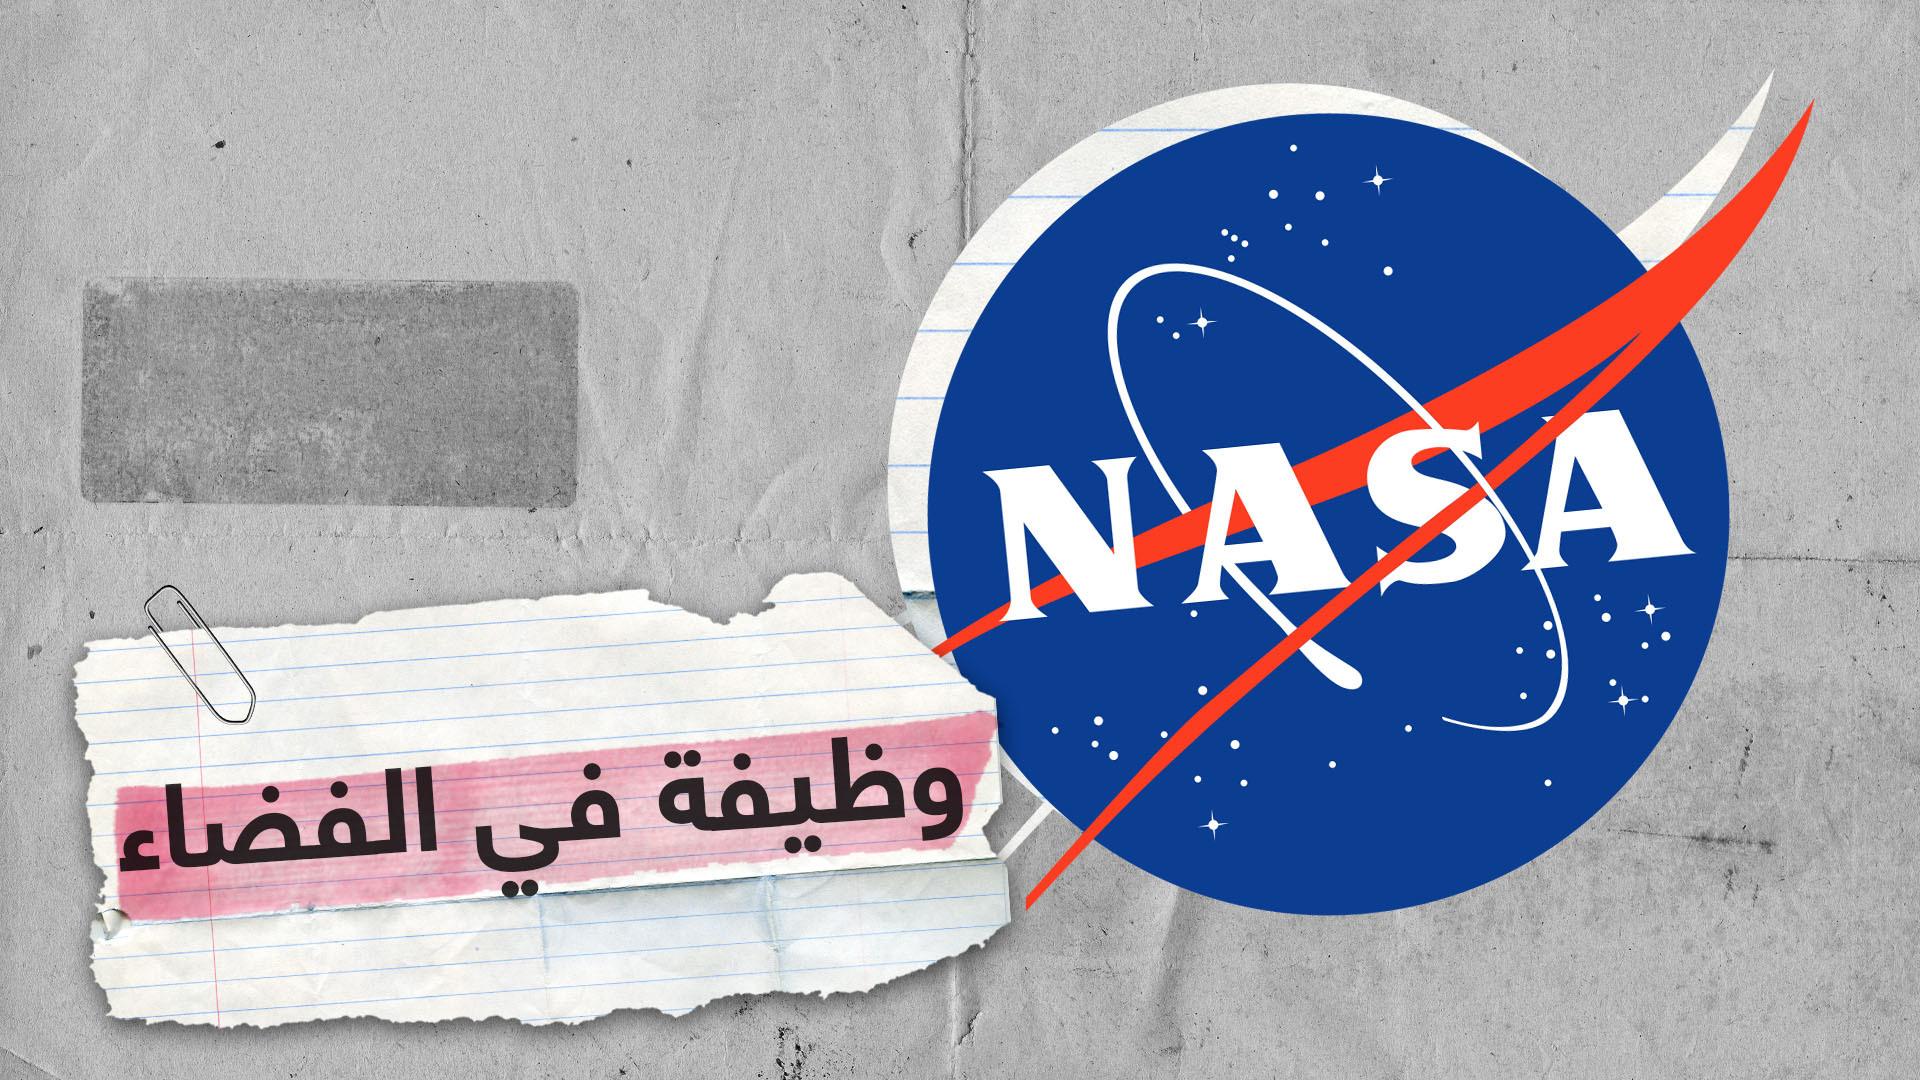 ناسا تبحث عن رواد جدد وتعرض 160 ألف دولار!